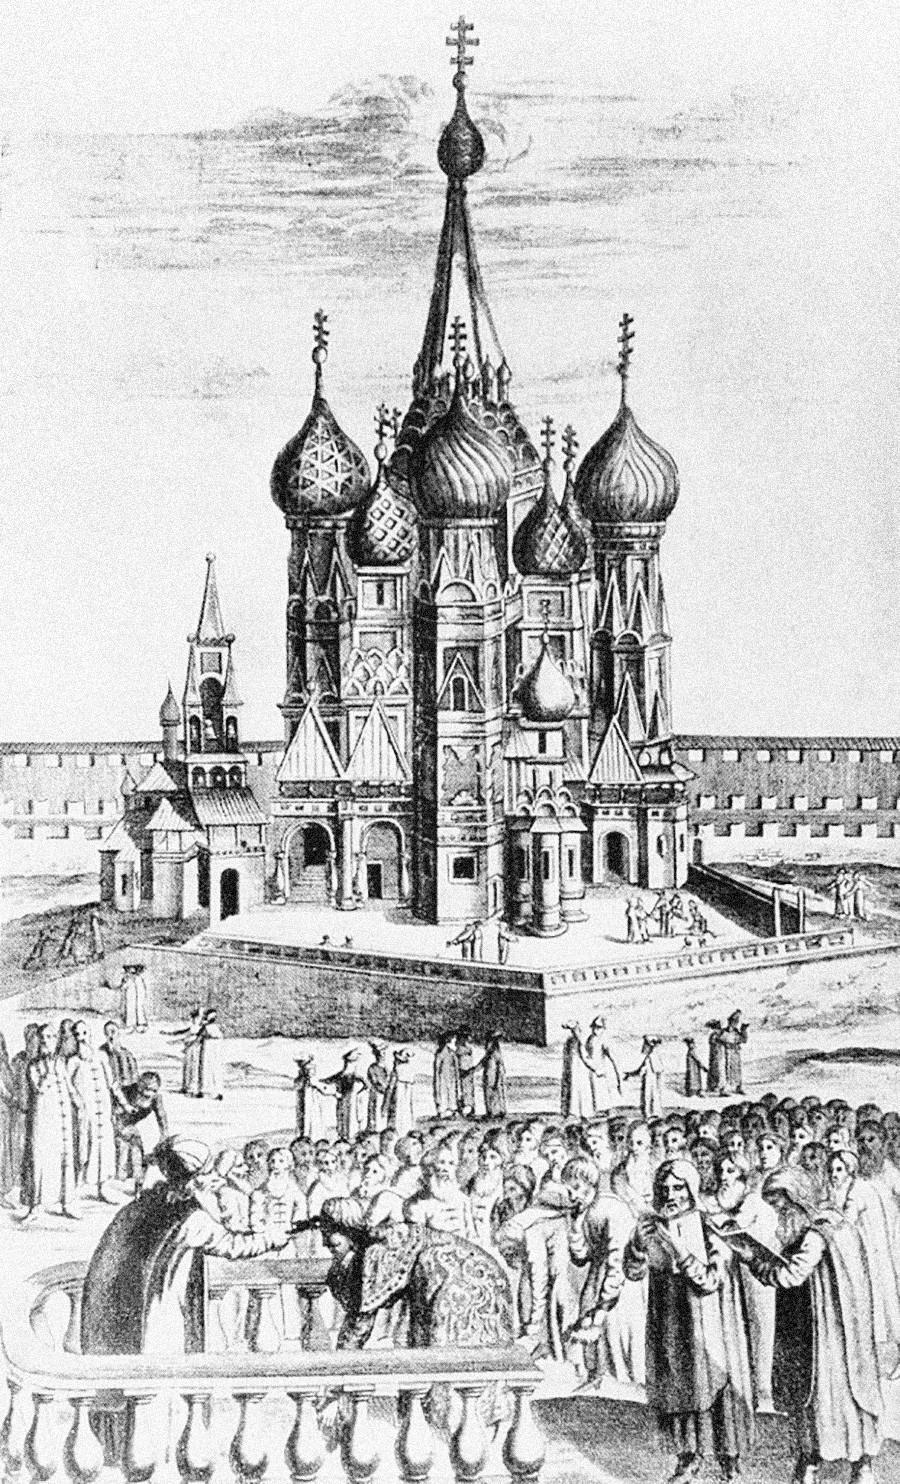 Москва, Црвени трг 1634. Овако је у 17. веку изгледао храм Василија Блаженог.